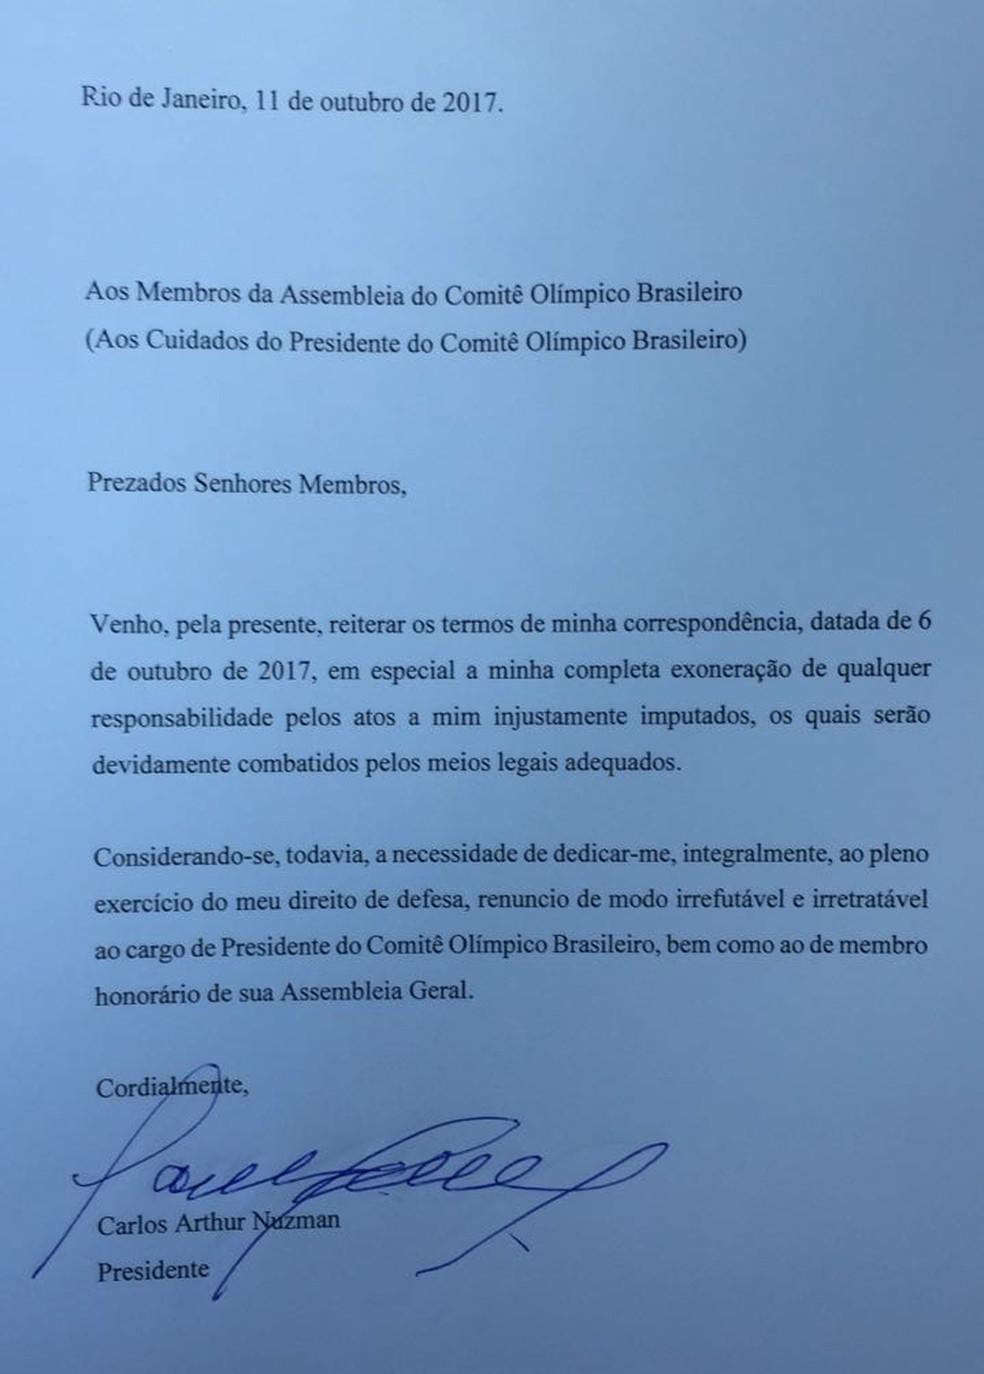 Carta da renúncia de Nuzman à presidência do COB  (Foto: Reprodução)